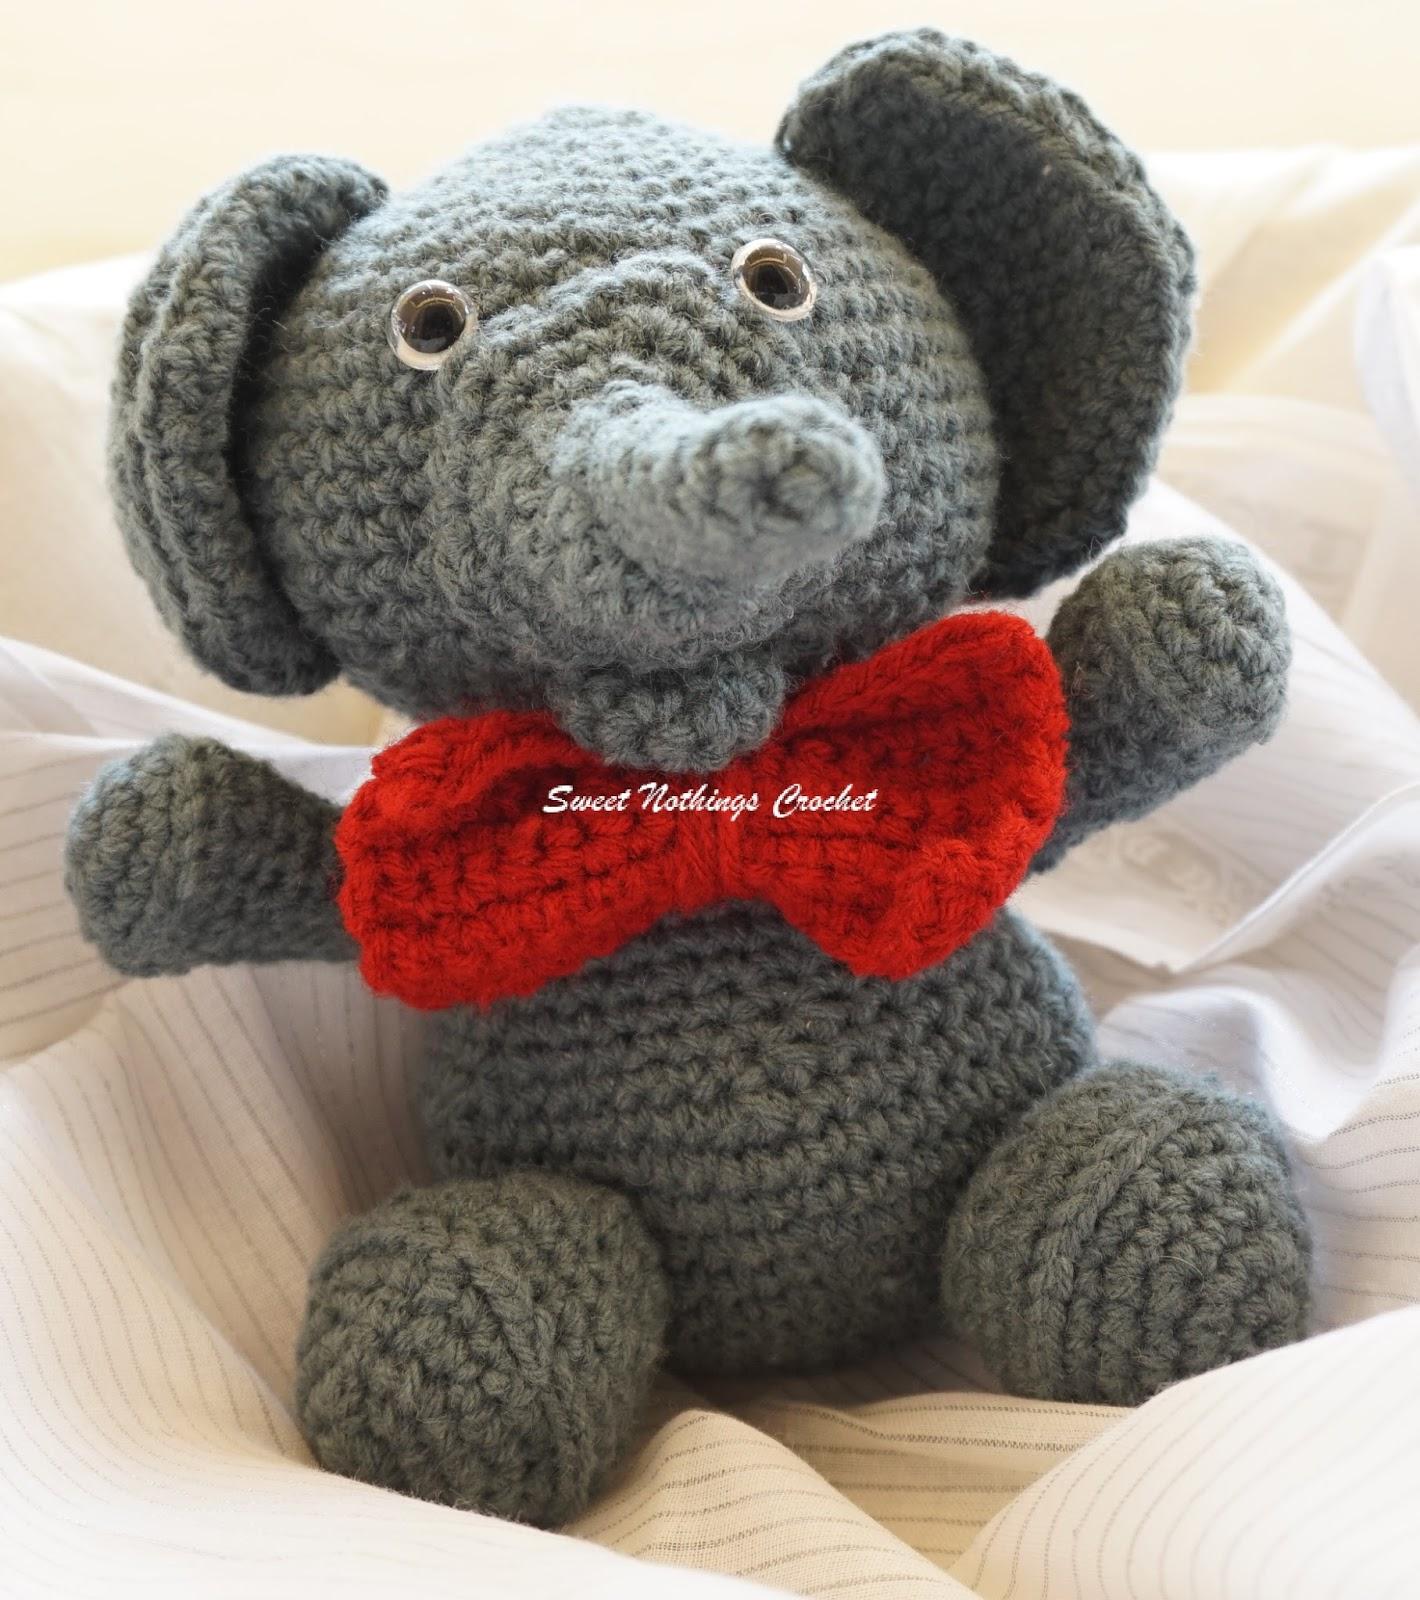 Sweet Nothings Crochet: ADORABLE CROCHET ELEPHANT AMIGURUMI ...